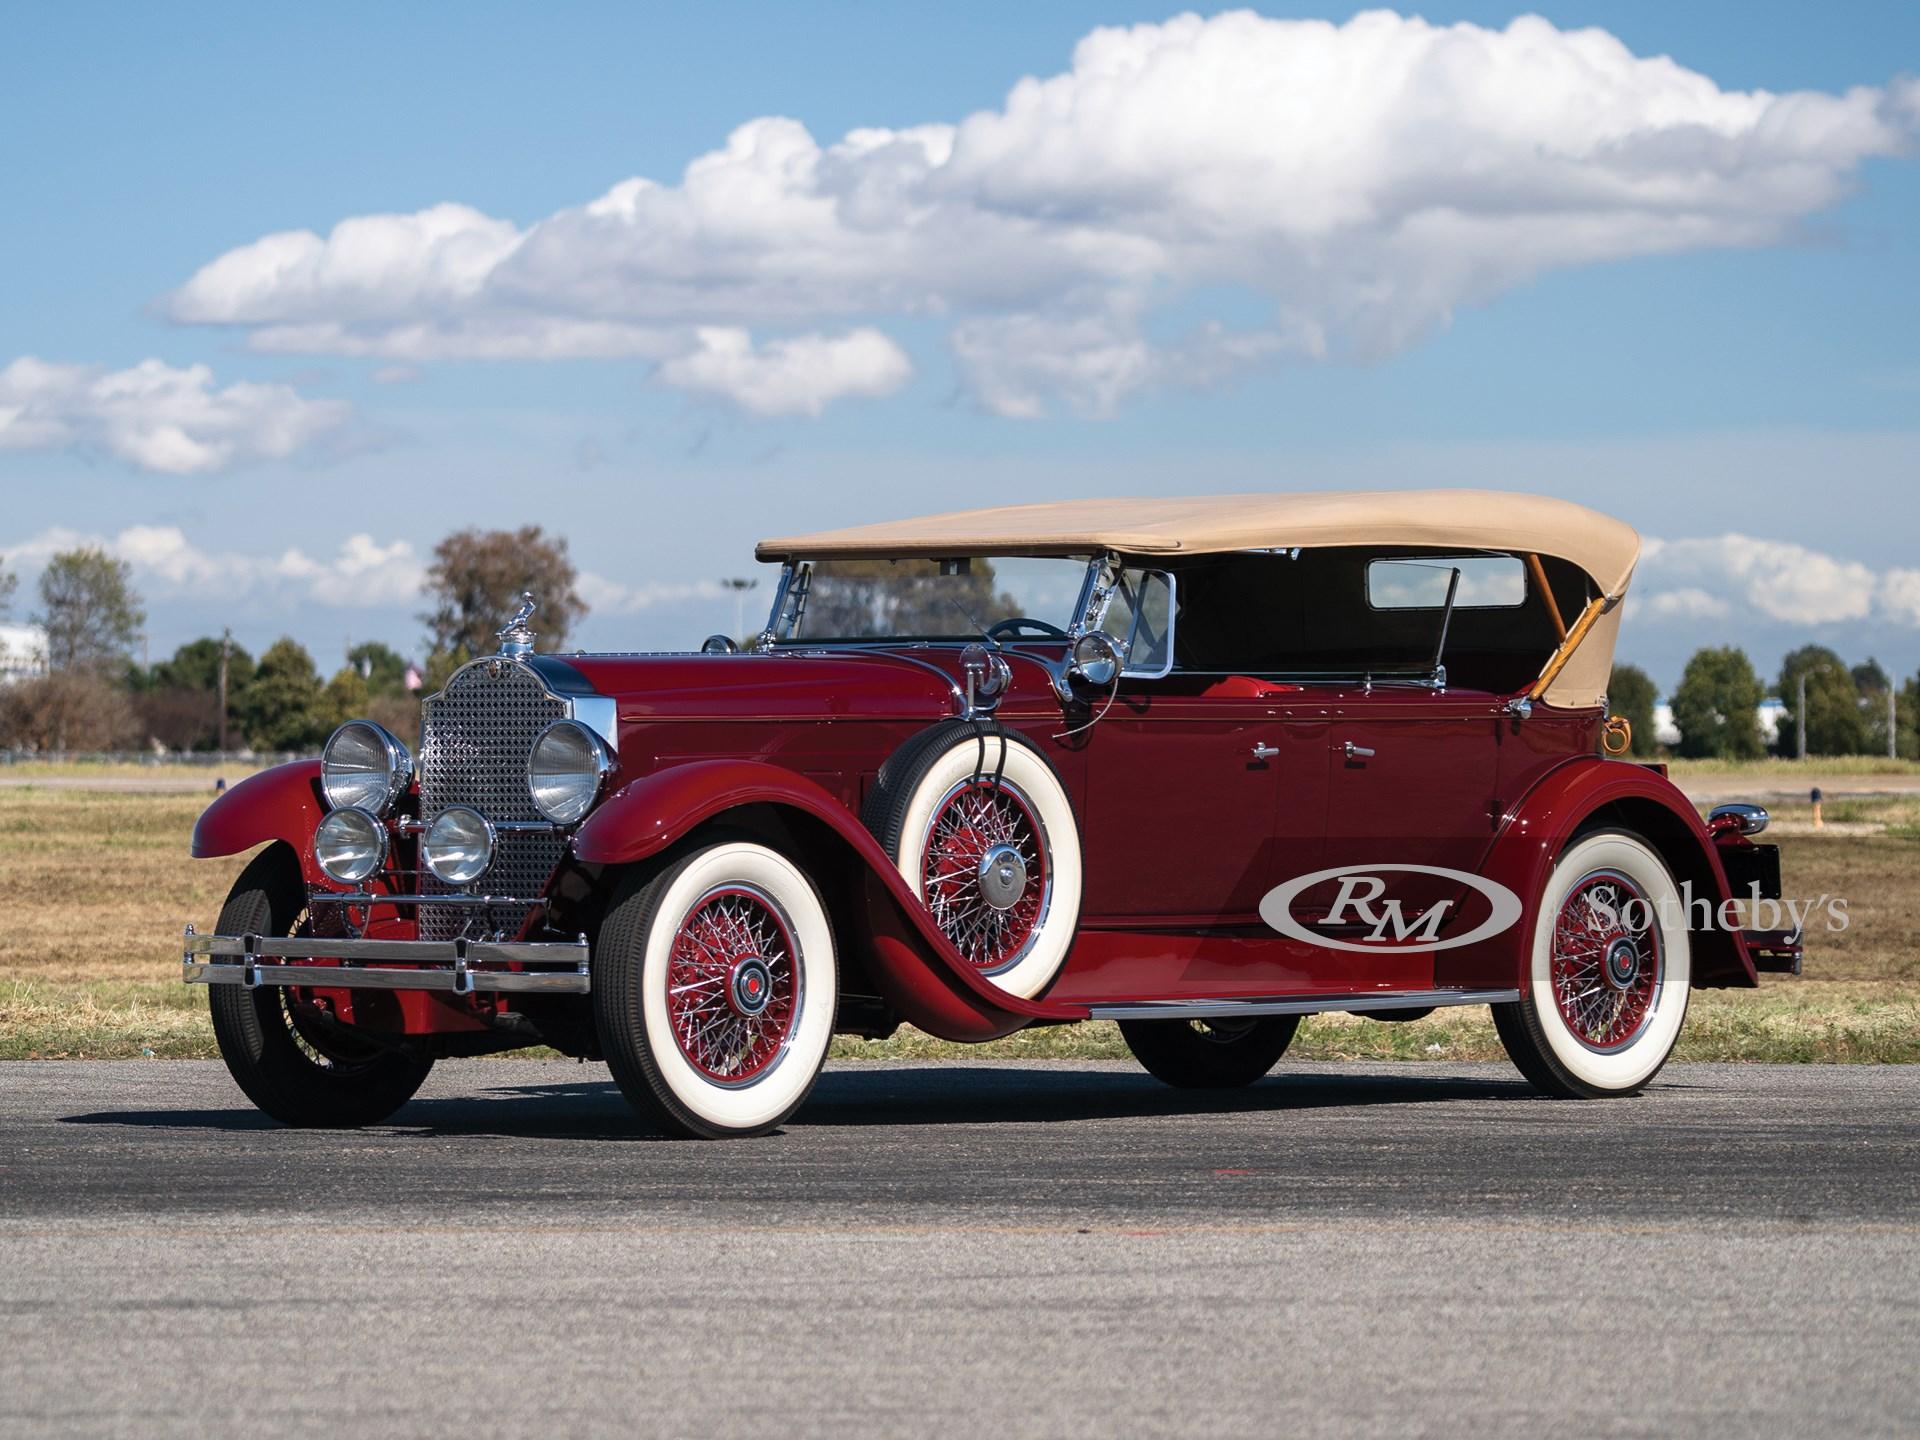 1929 Packard Deluxe Eight Sport Phaeton Phaeton by Dietrich